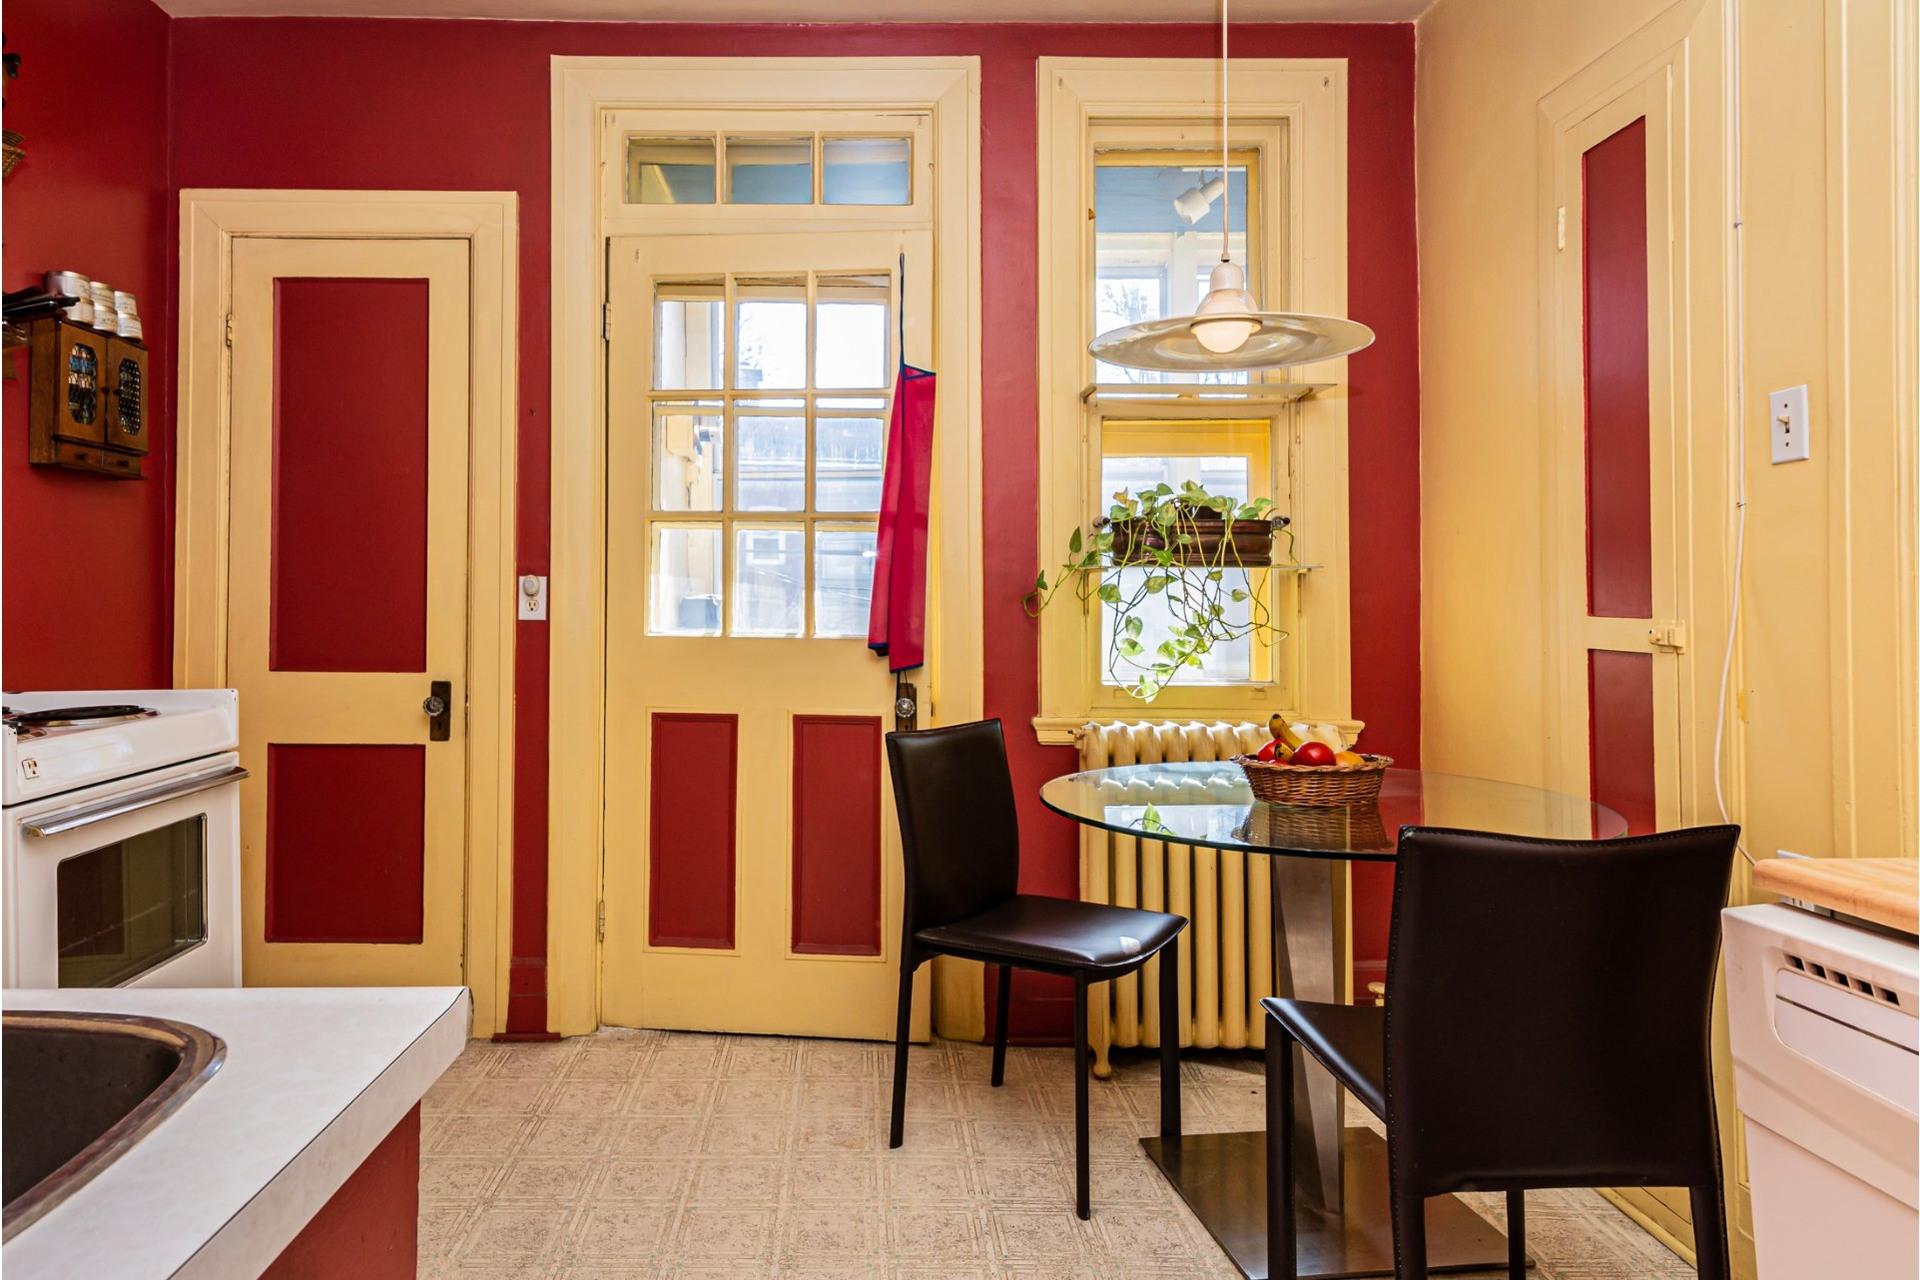 image 9 - Duplex À vendre Côte-des-Neiges/Notre-Dame-de-Grâce Montréal  - 6 pièces